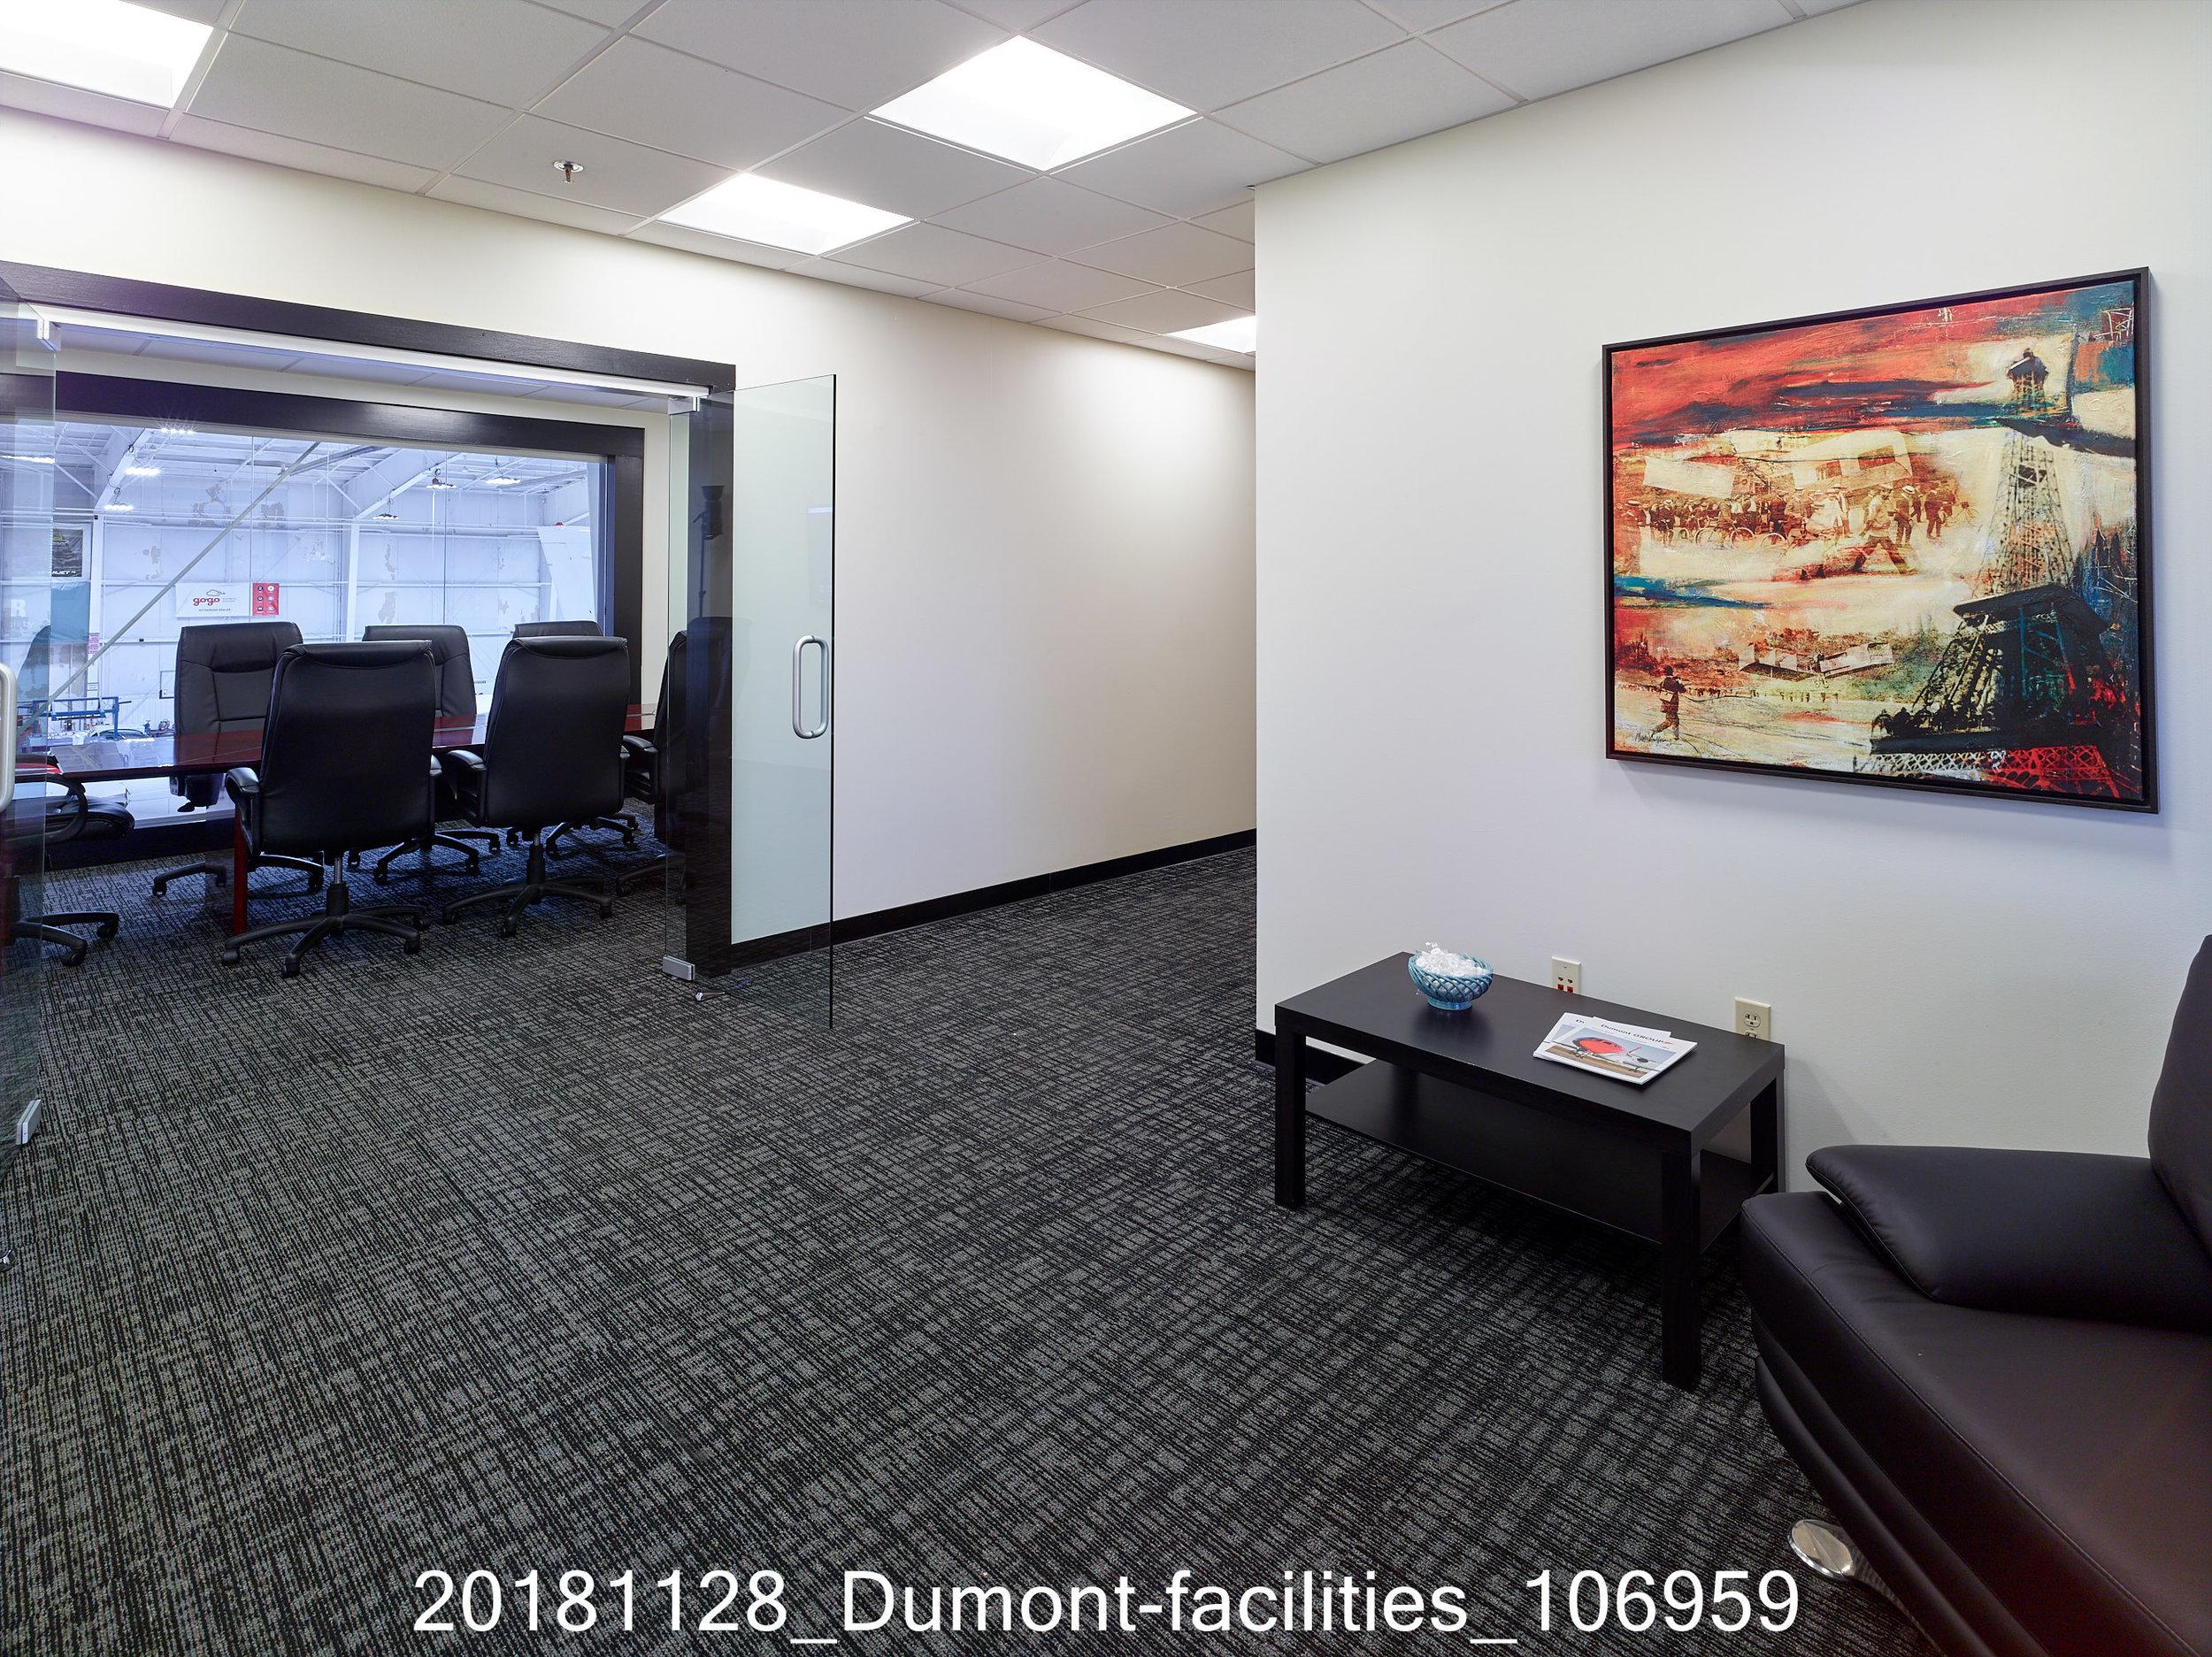 20181128_Dumont-facilities_106959.jpg